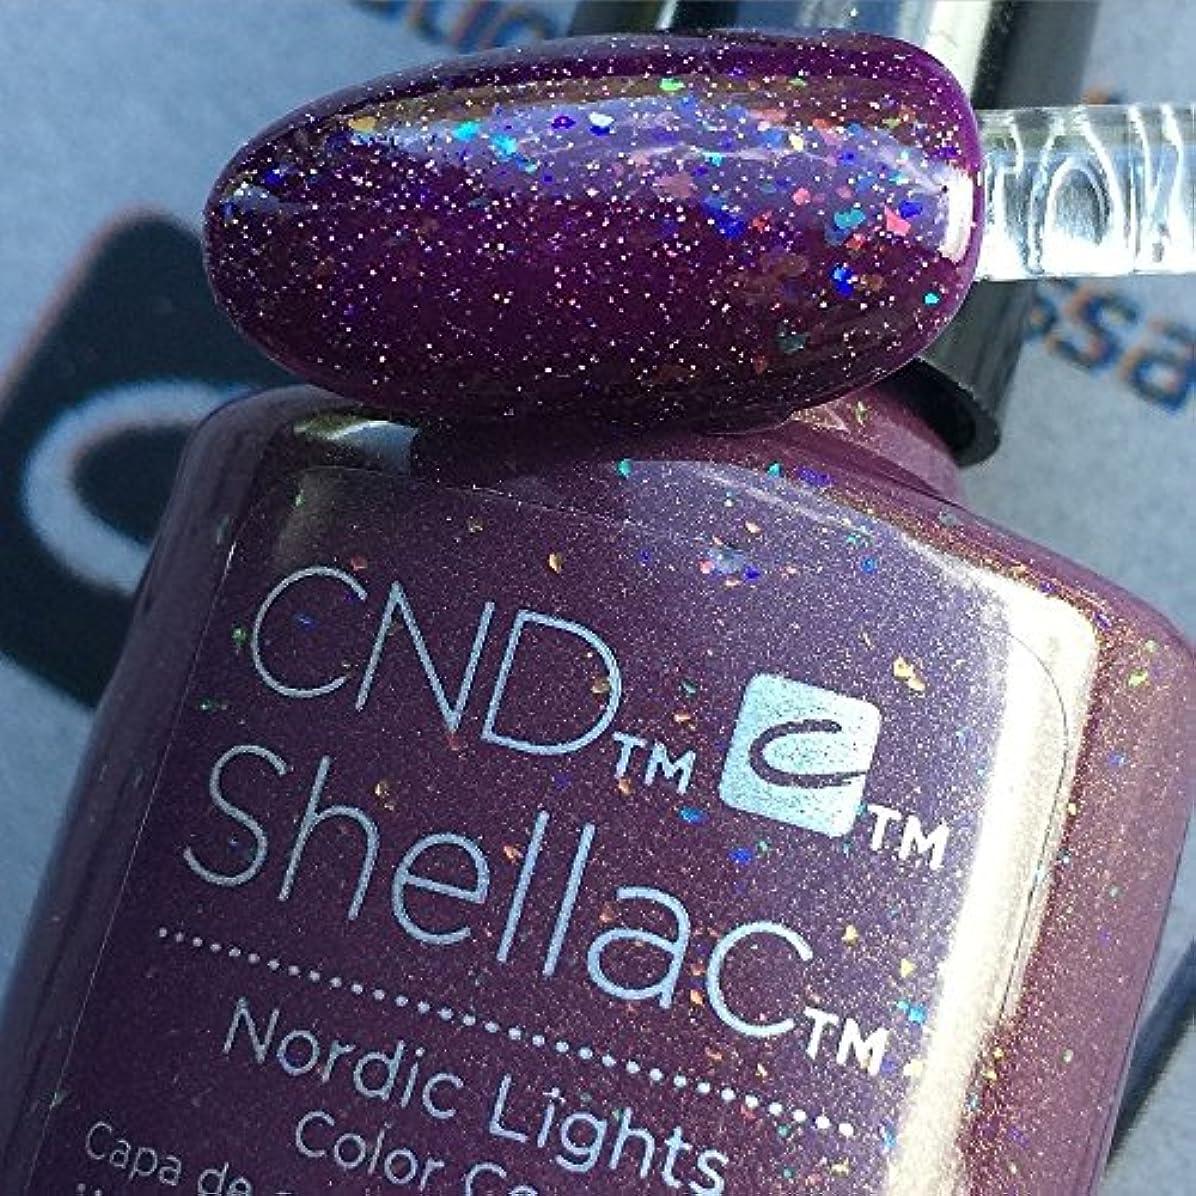 大小川活発CND シェラック UV カラーコート 211 ノルディックライト Nordic Lights 7.3ml